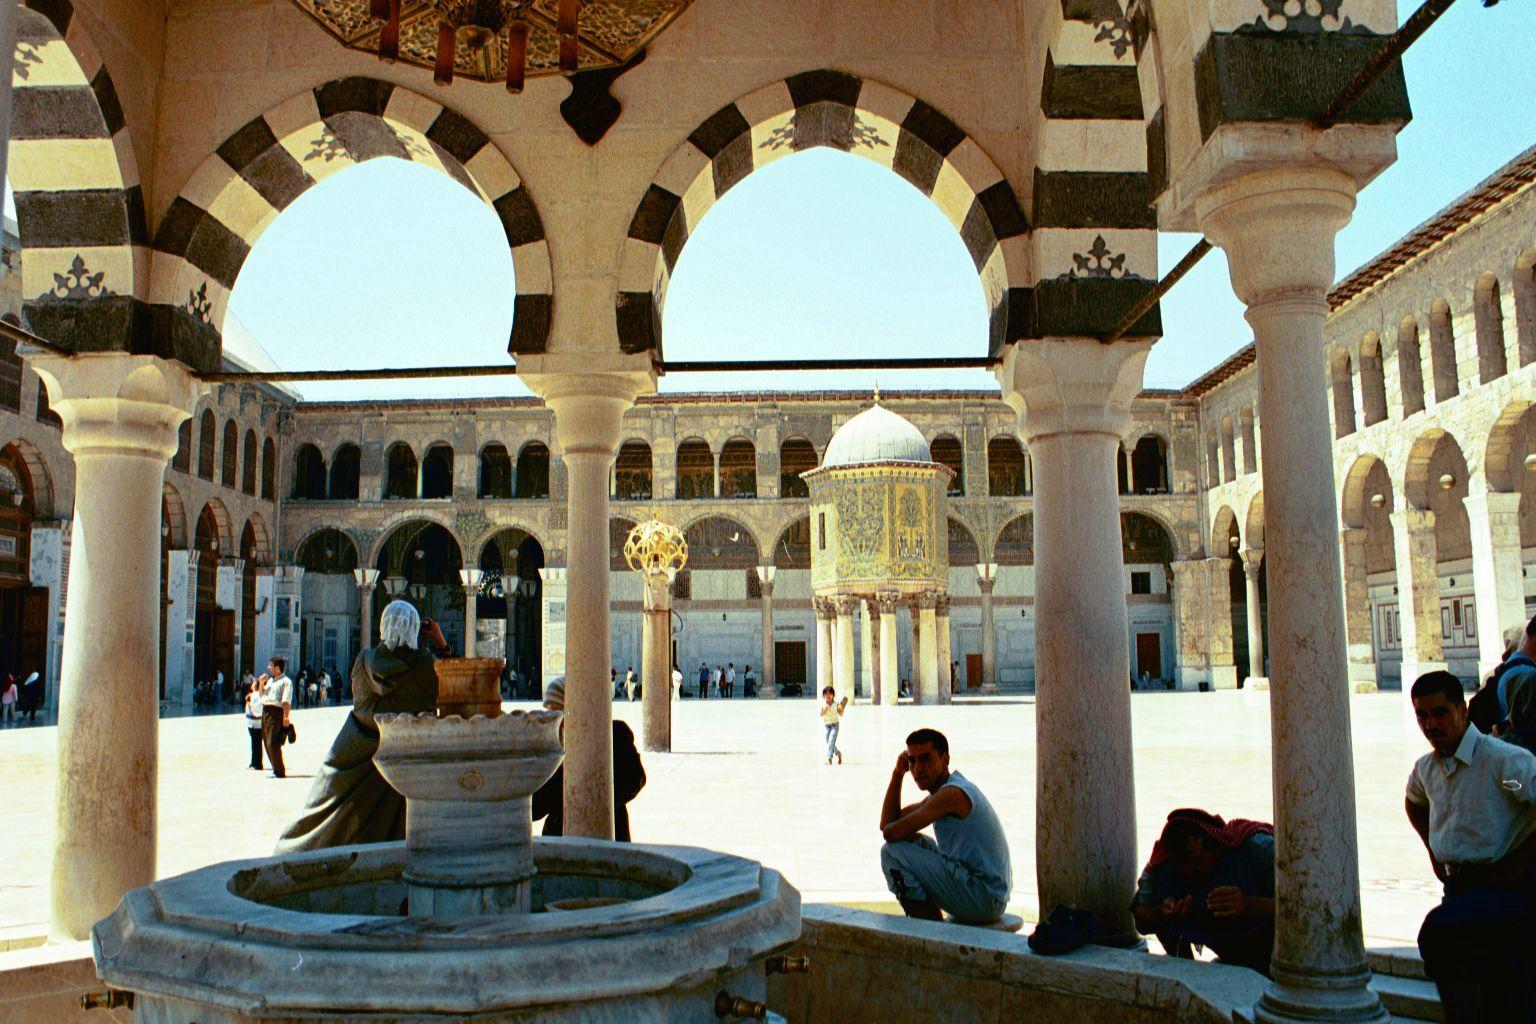 M sica y cine en el cuarto siria - Fotos de damasco ...